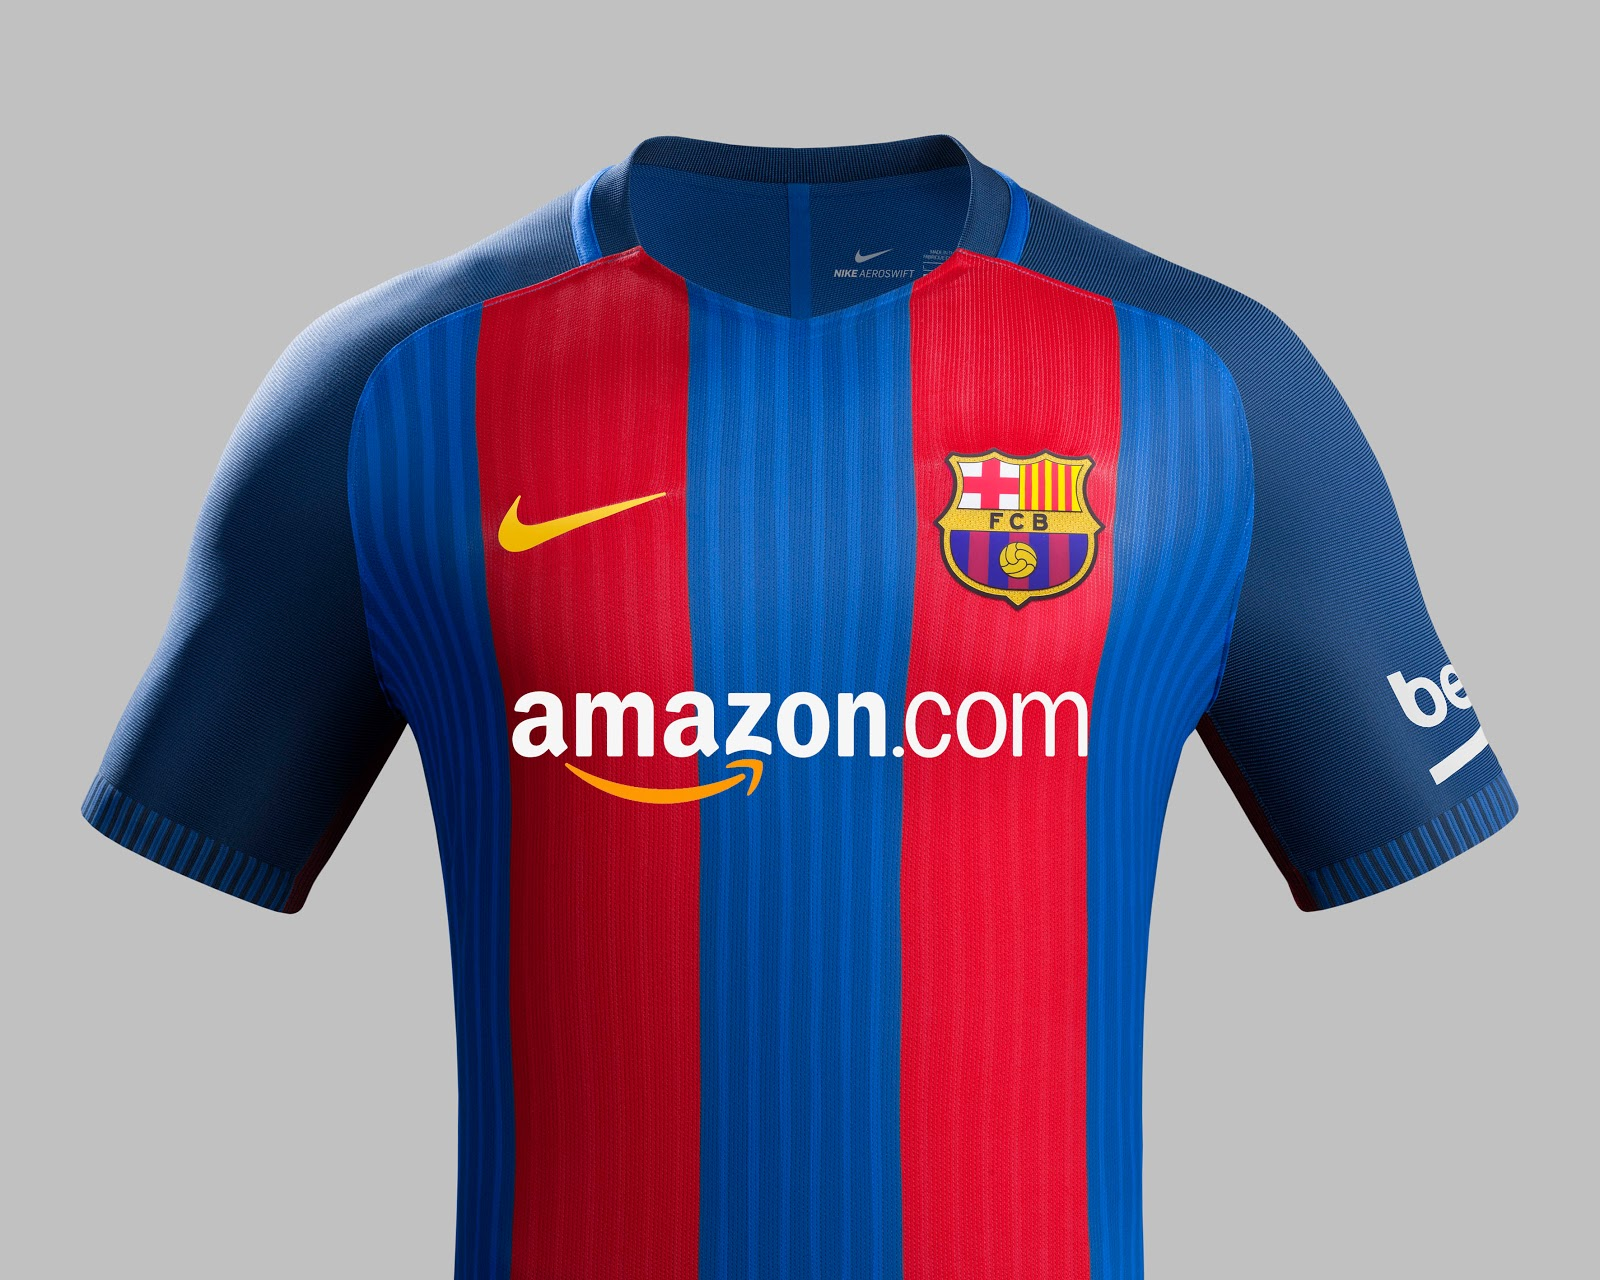 Amazon podría ser el nuevo patrocinador del F.C. Barcelona